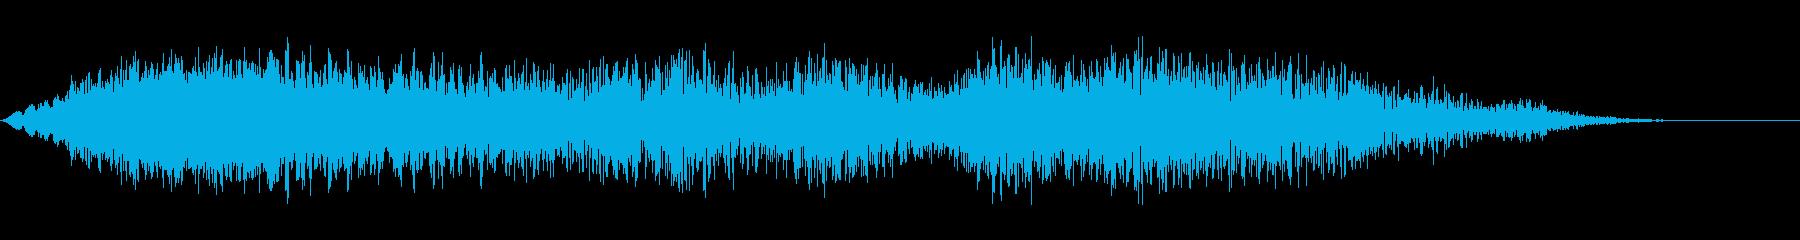 警報イベントの再生済みの波形